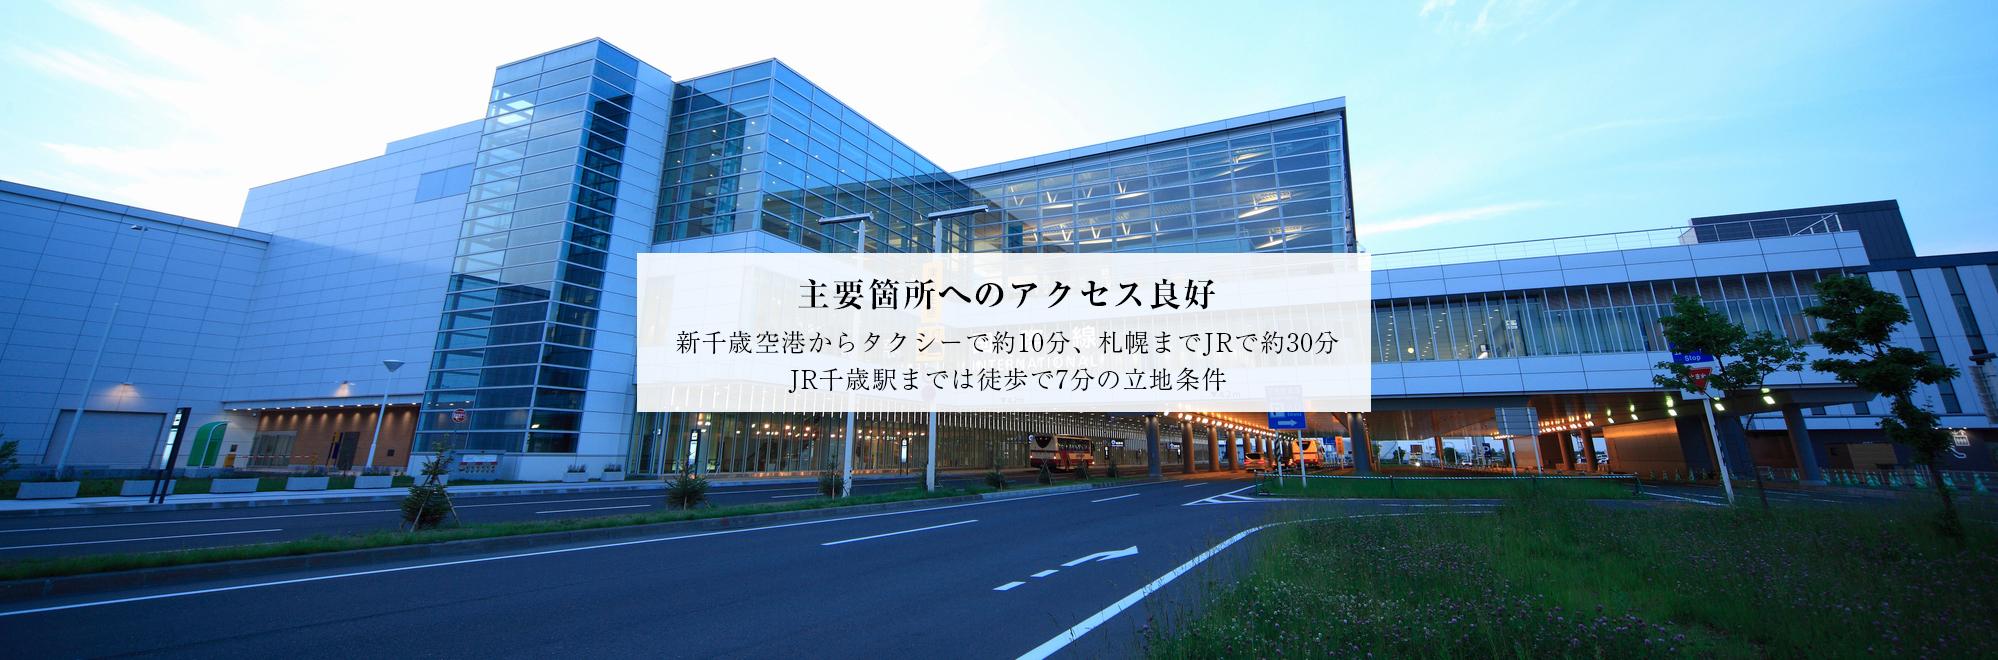 北海道千歳 - 新千歳空港周辺の千歳第一ホテル。ビジネスや観光にご利用ください